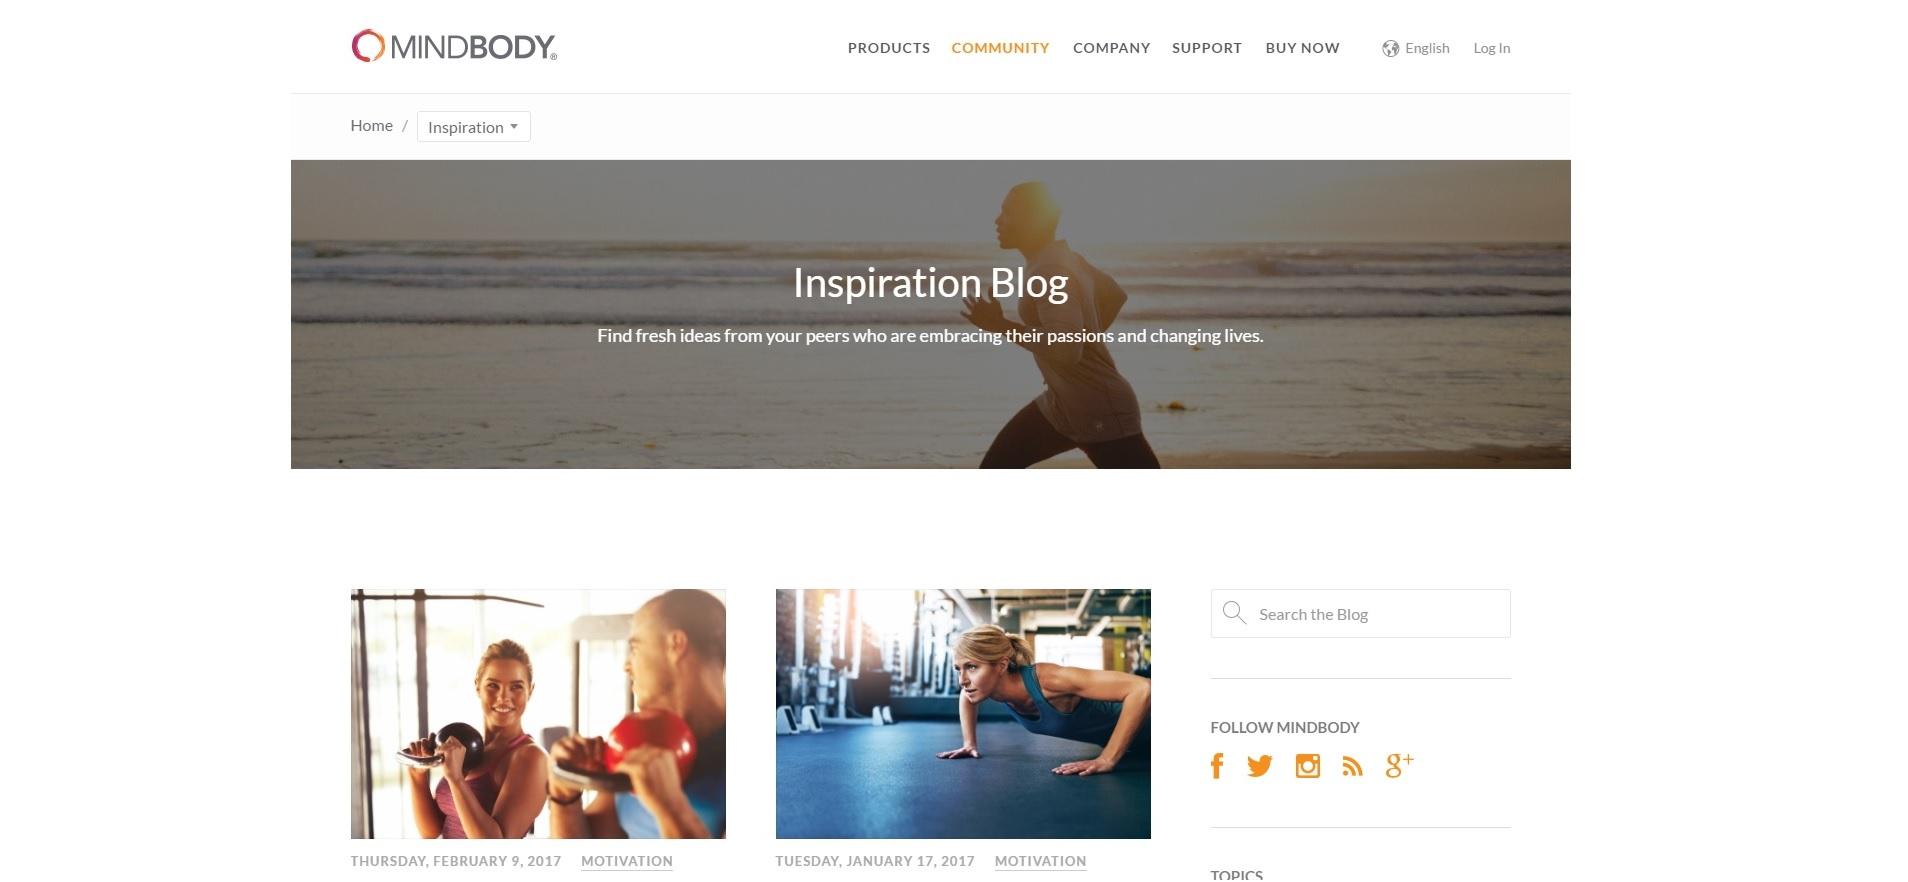 MindBody Inspiration Blog